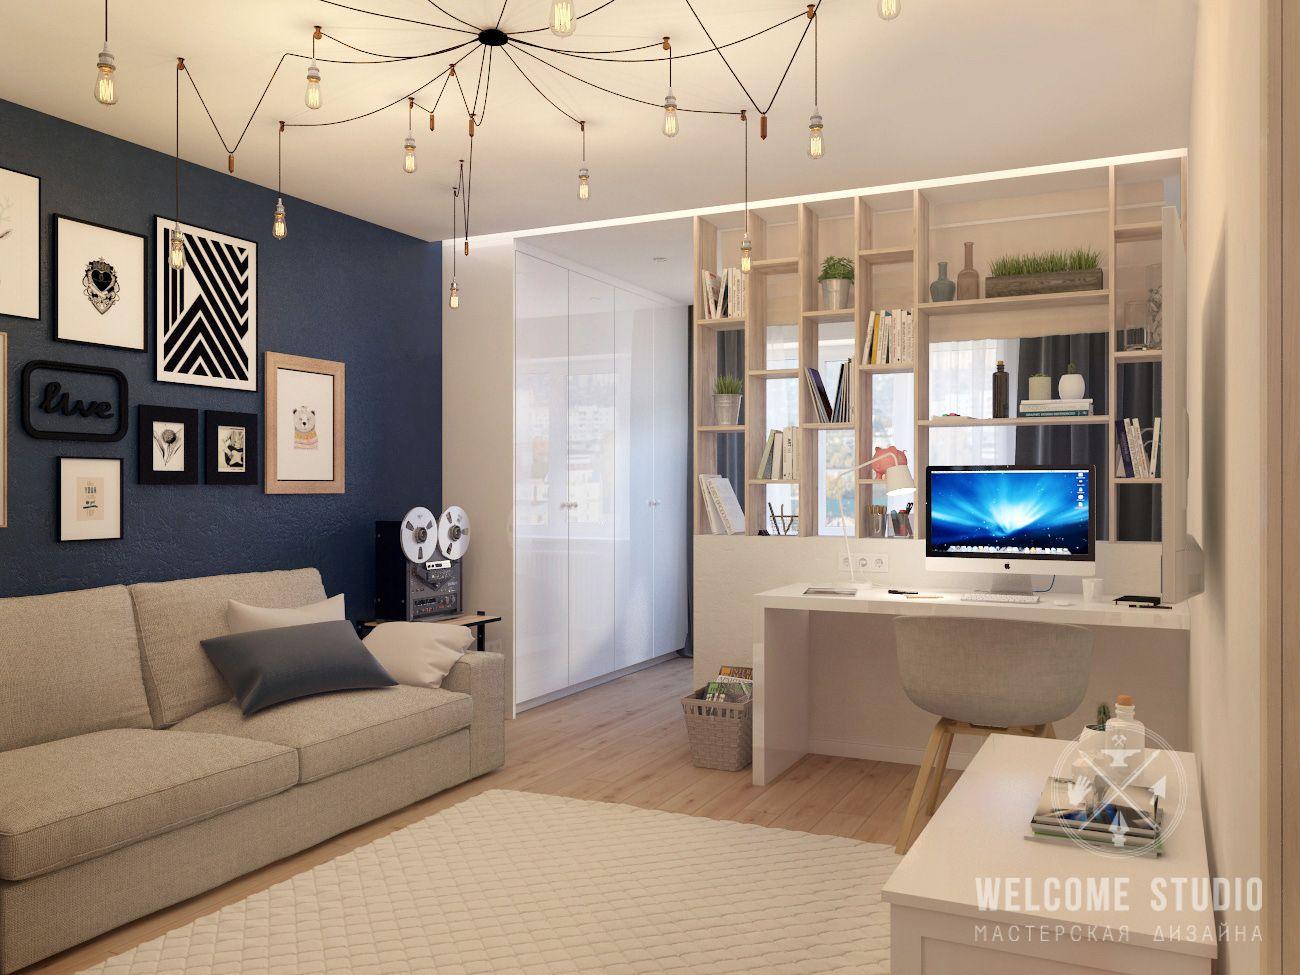 Гостинаяракурсg гостиные pinterest apartments